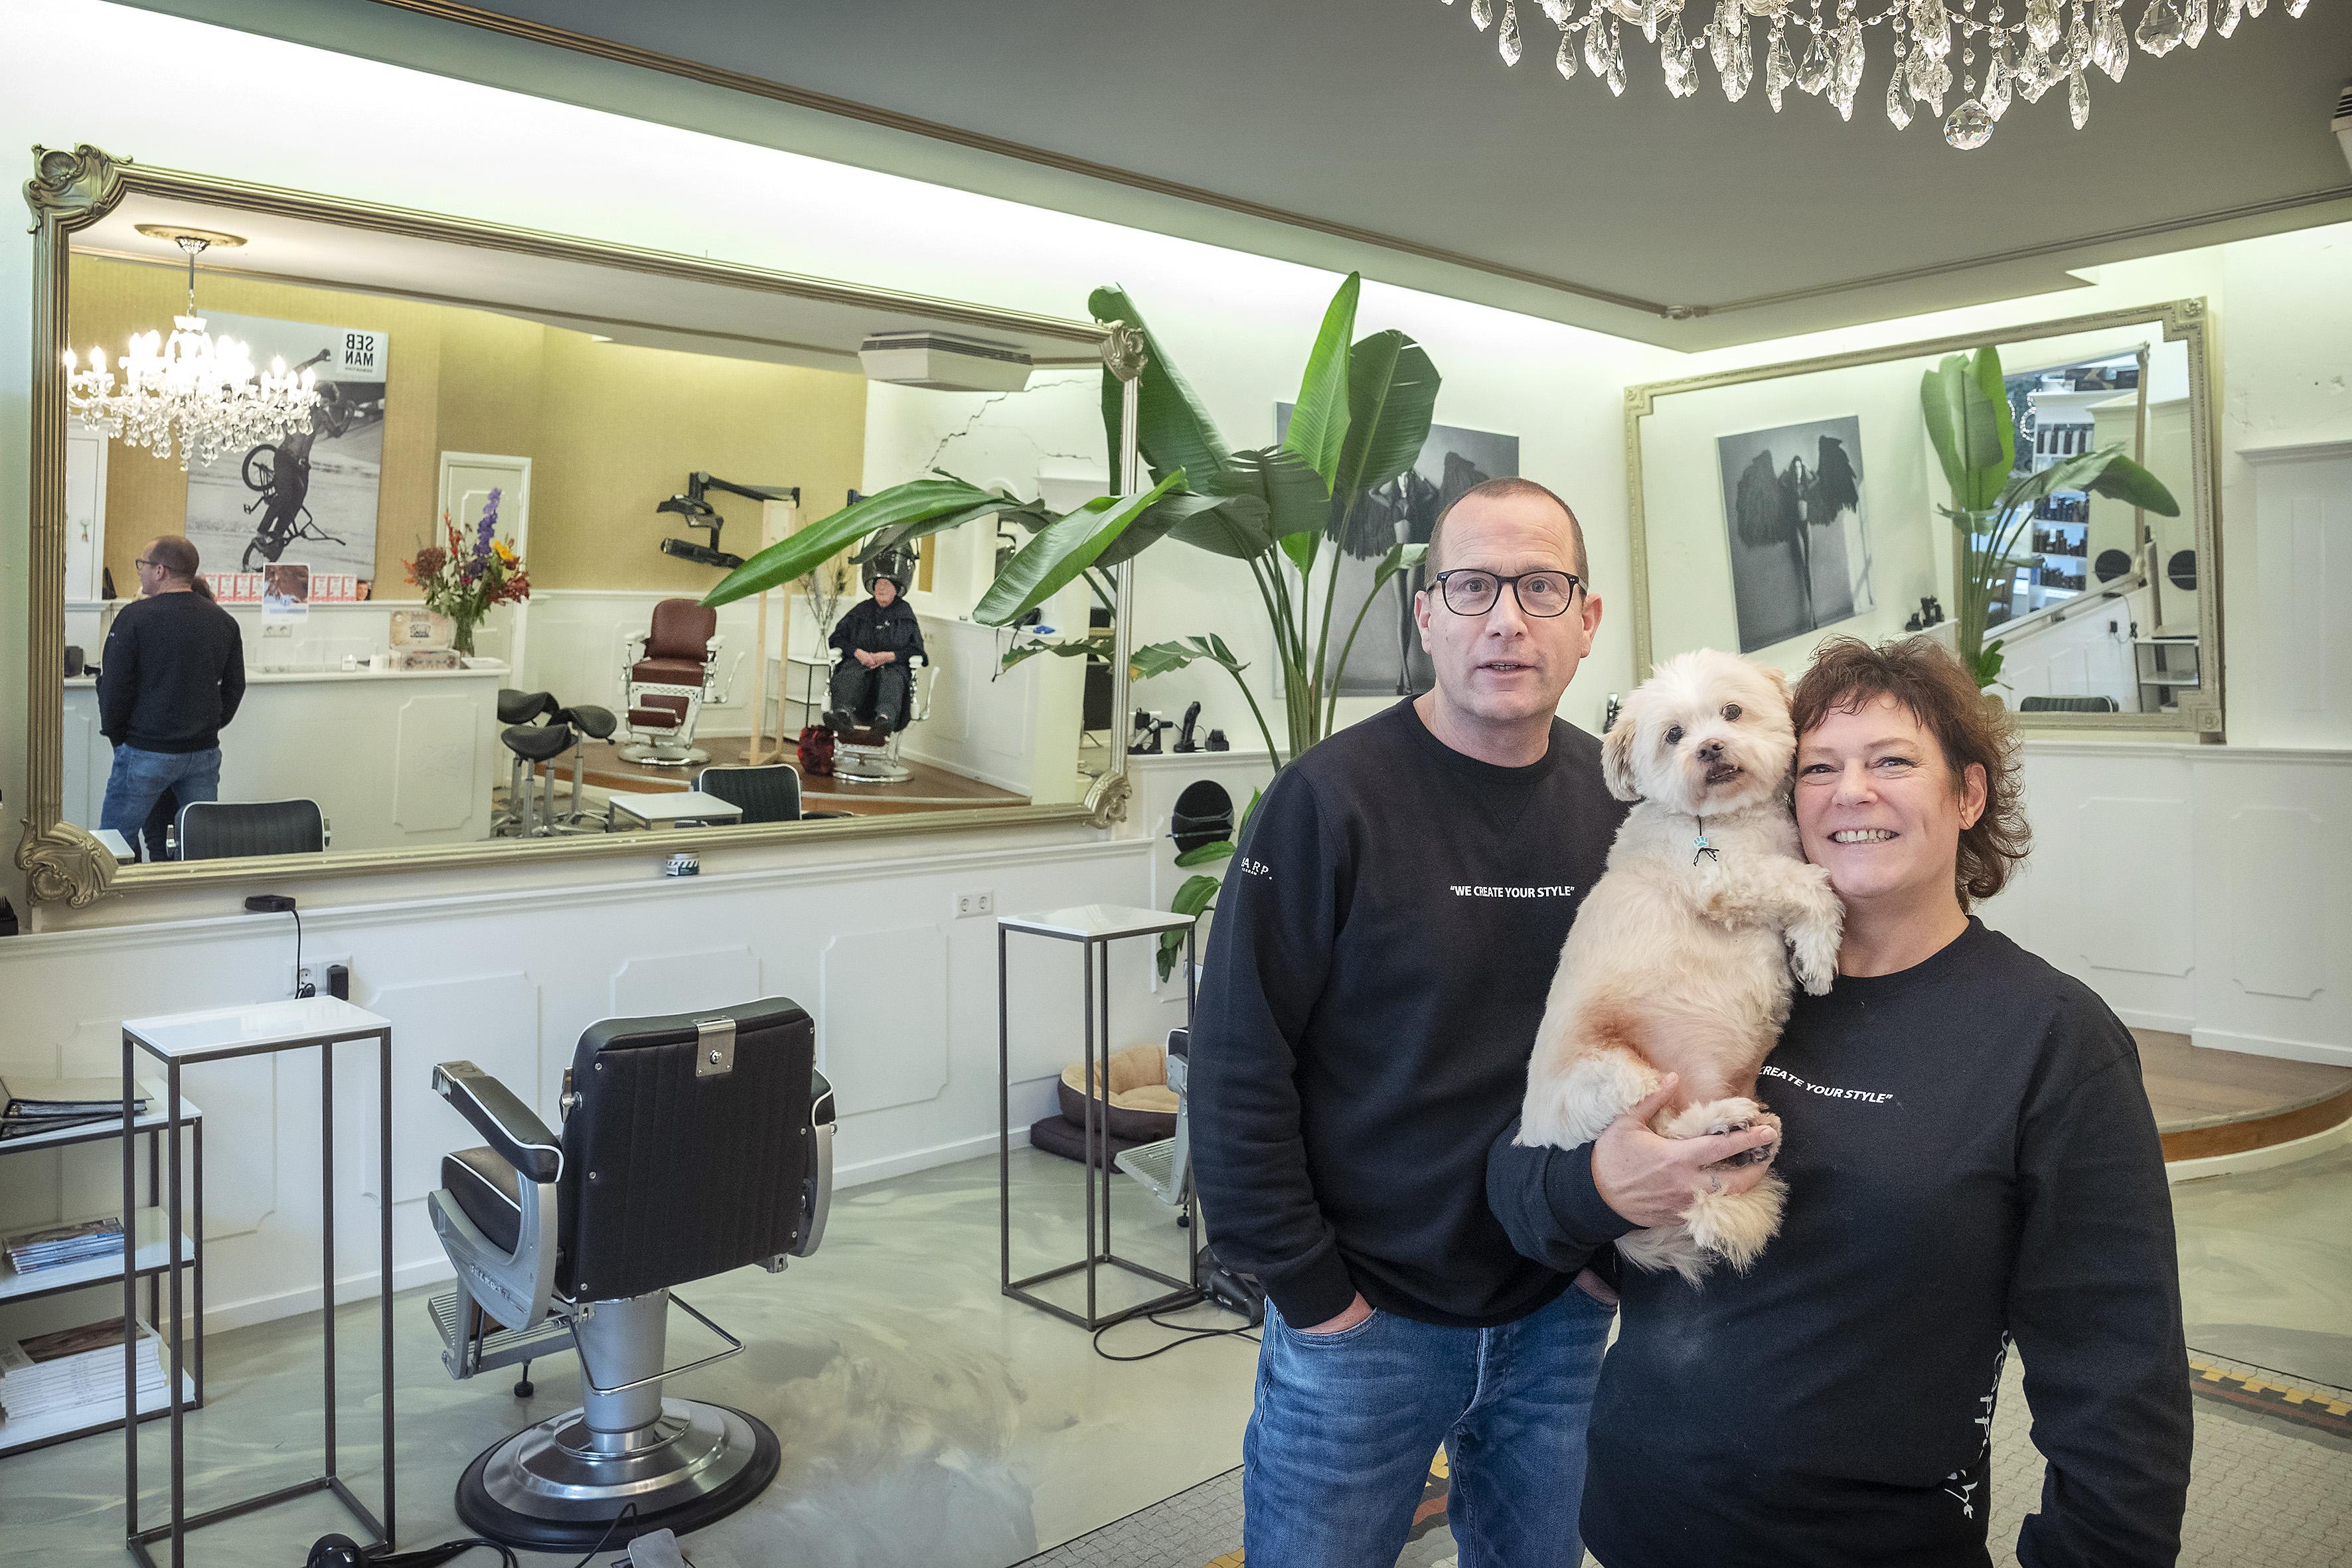 Haarlemse kapsalon Koppie Right bestaat 25 jaar: 'Sommige klanten kwamen speciaal op de naam af'